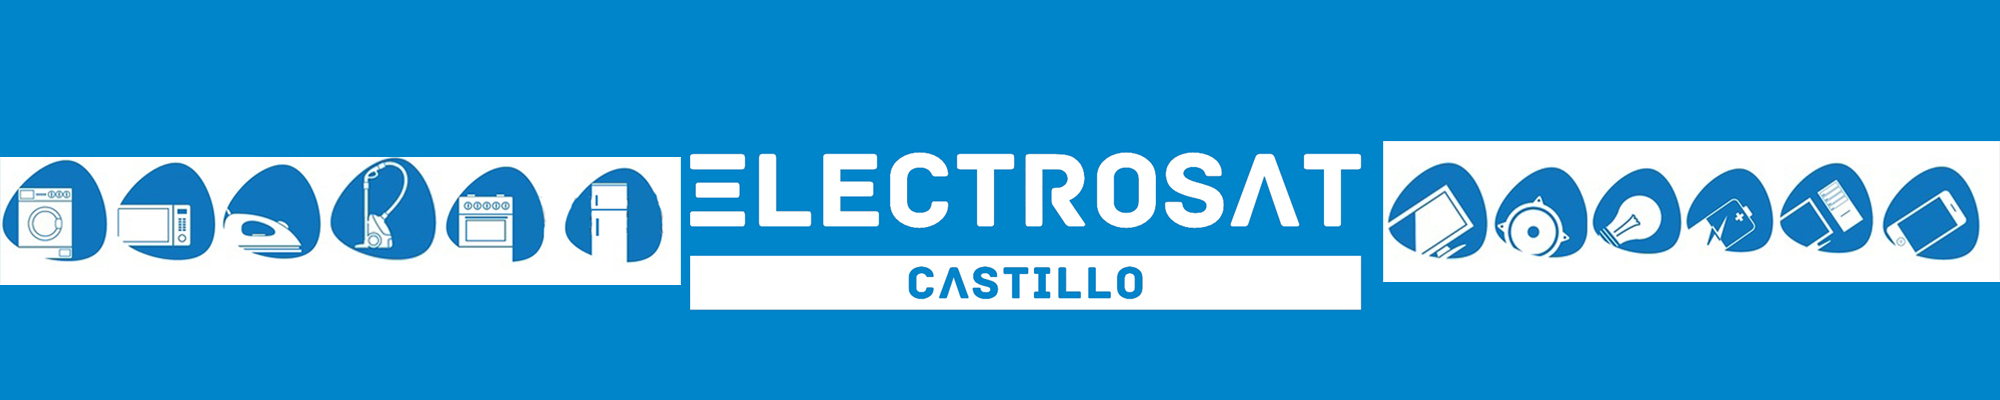 ELECTROSAT CASTILLO